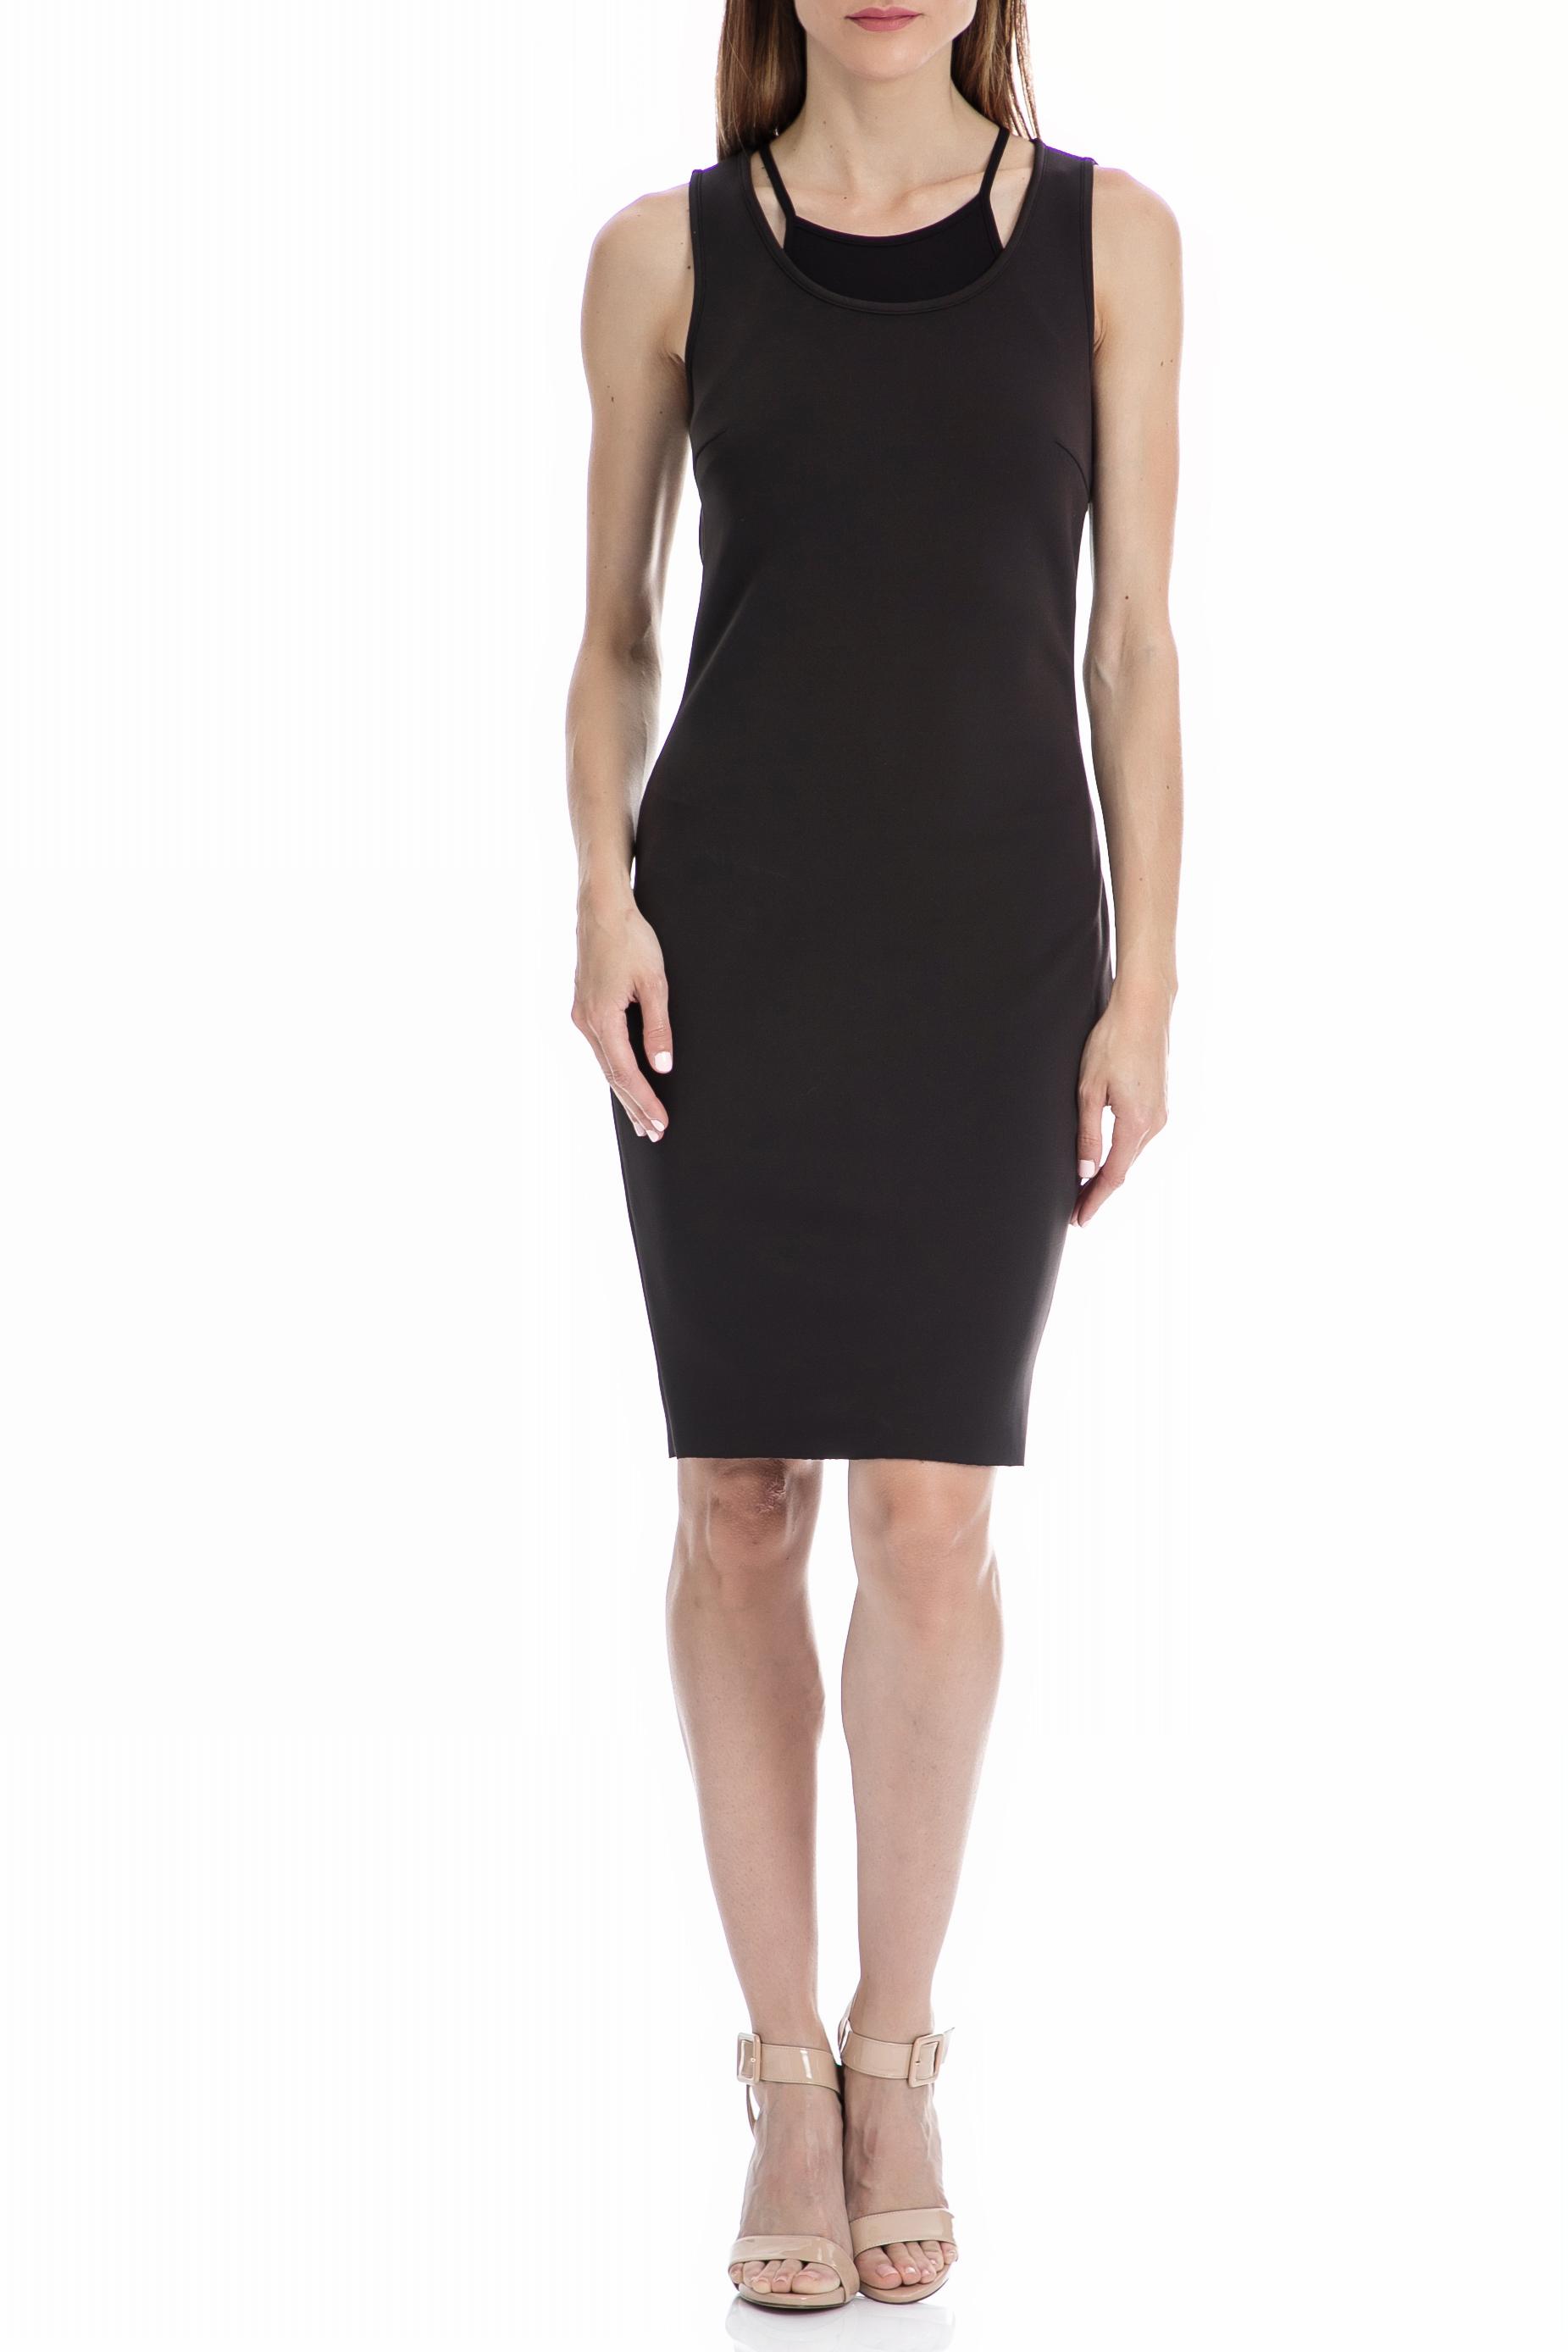 CALVIN KLEIN JEANS – Γυναικείο φόρεμα CALVIN KLEIN JEANS μαύρο